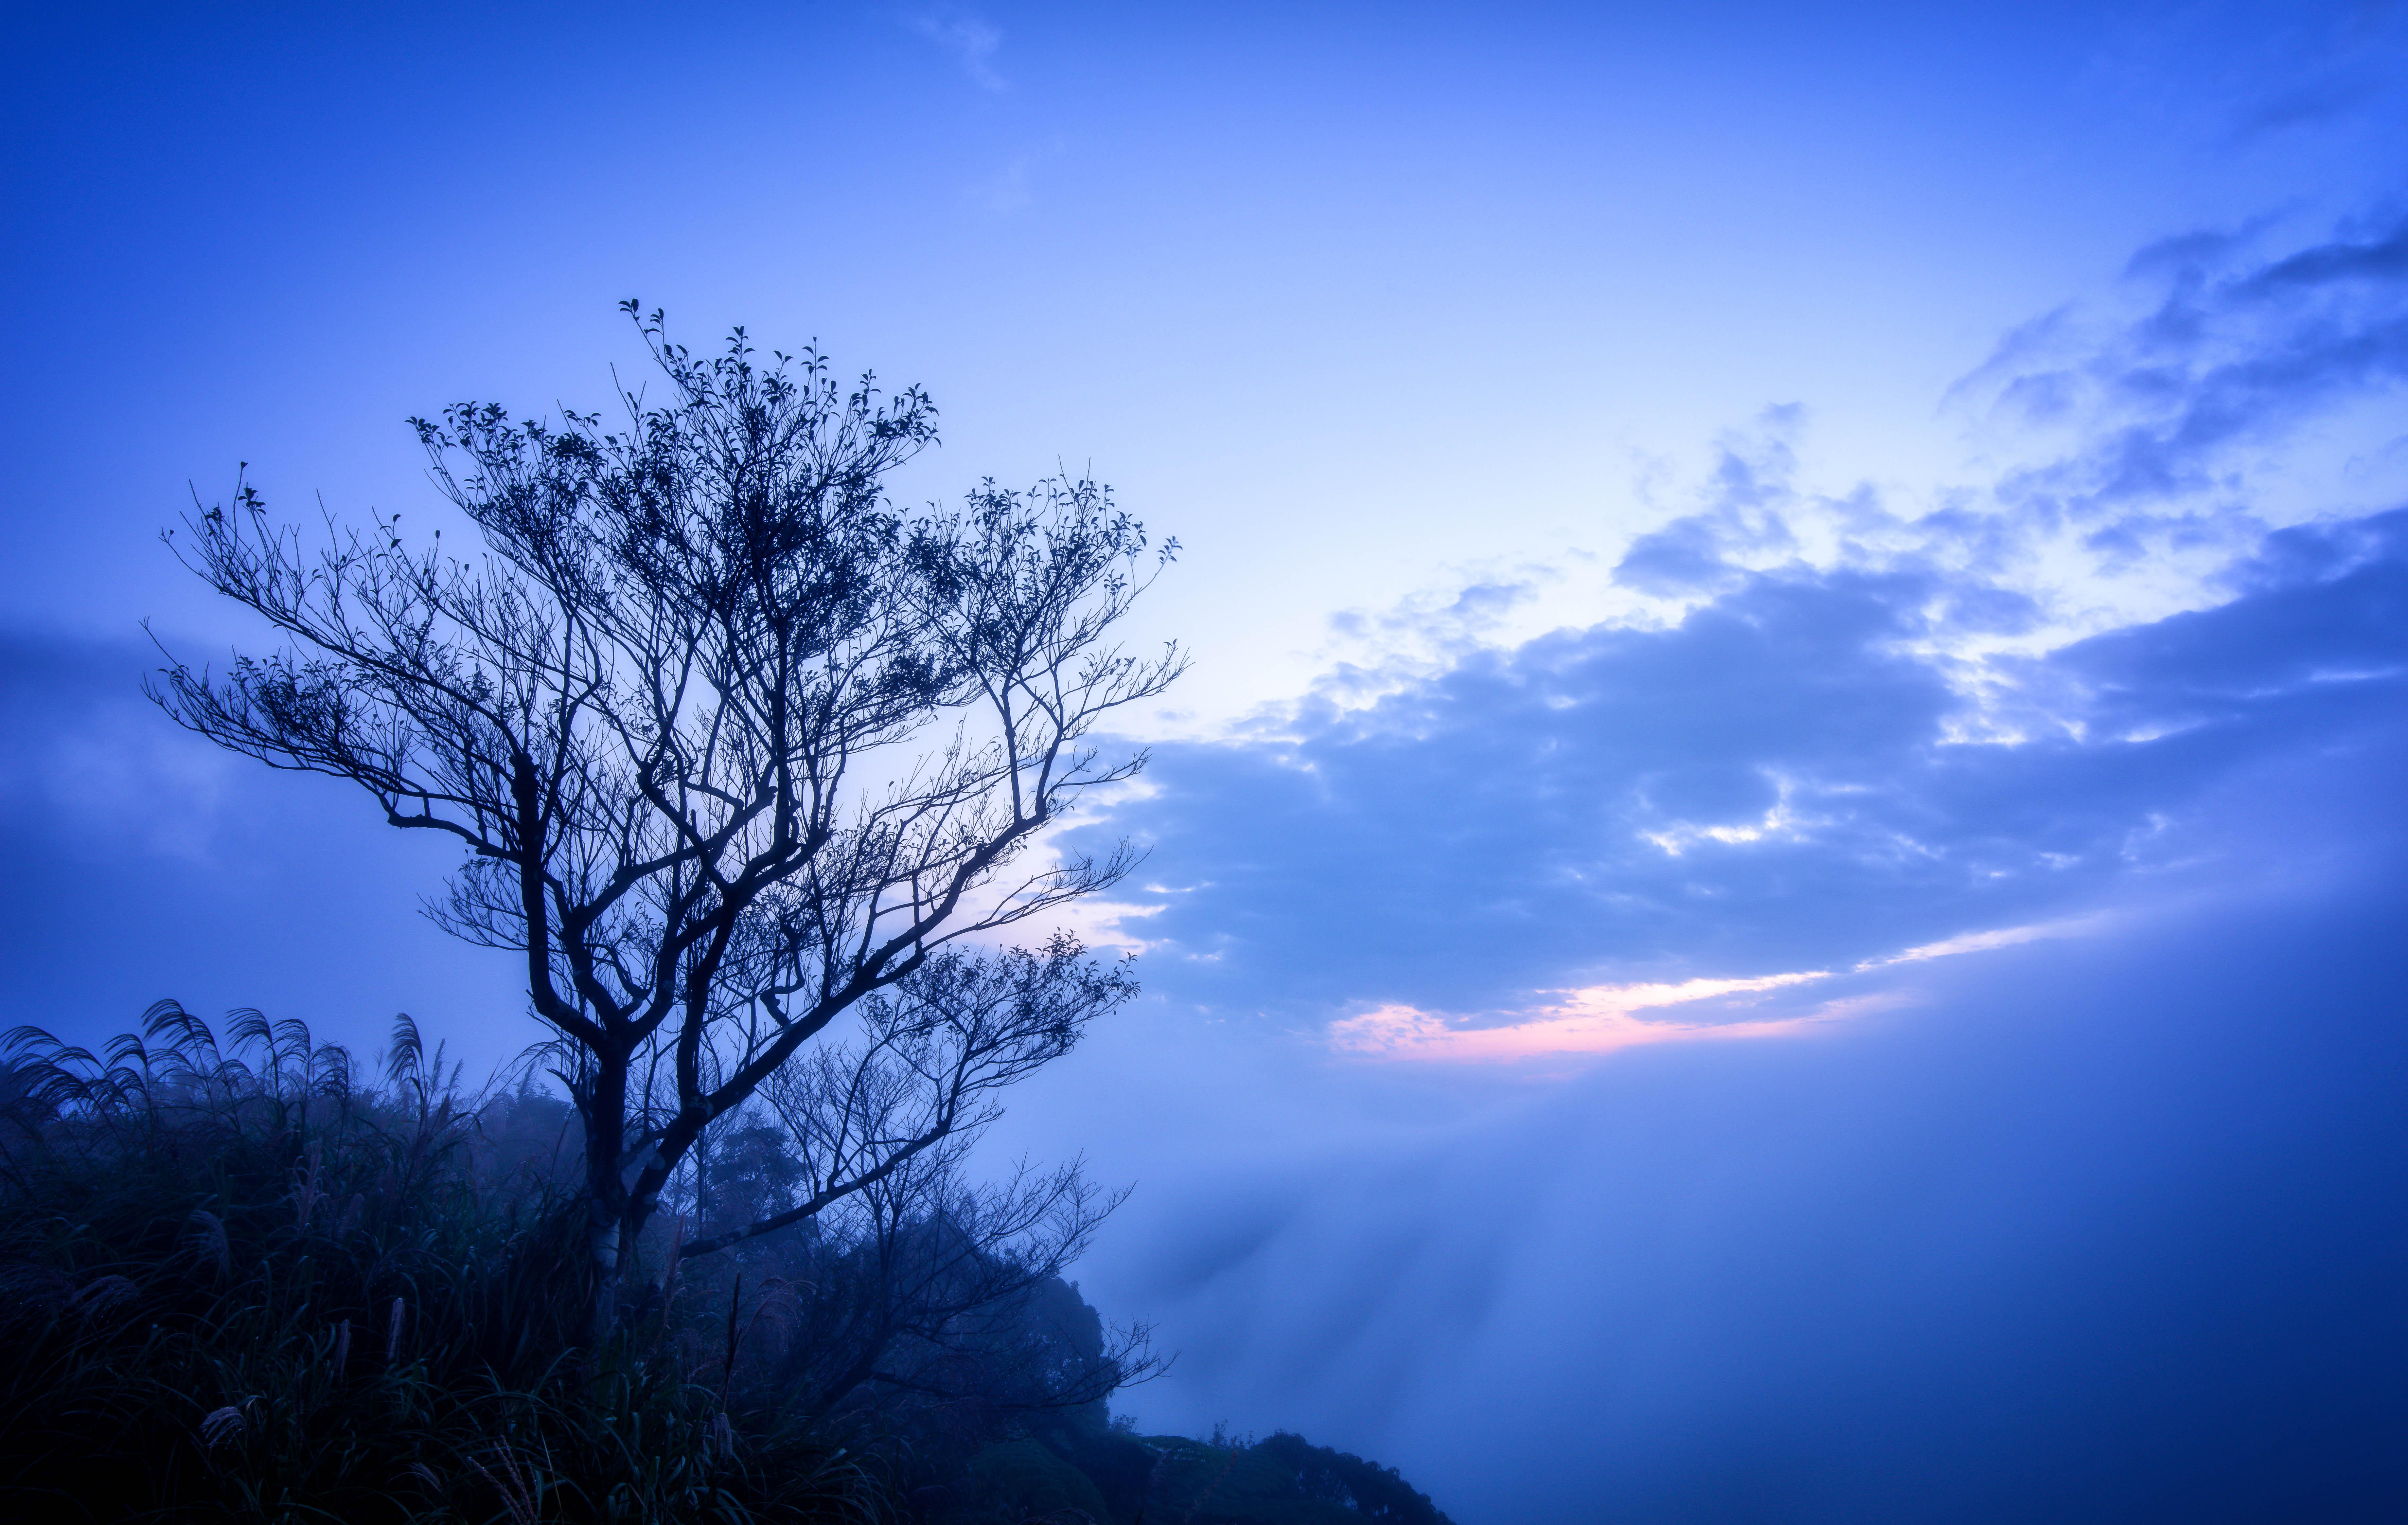 131930 télécharger le fond d'écran Nature, Sky, Nuages, Bois, Arbre, Brouillard, Branches - économiseurs d'écran et images gratuitement